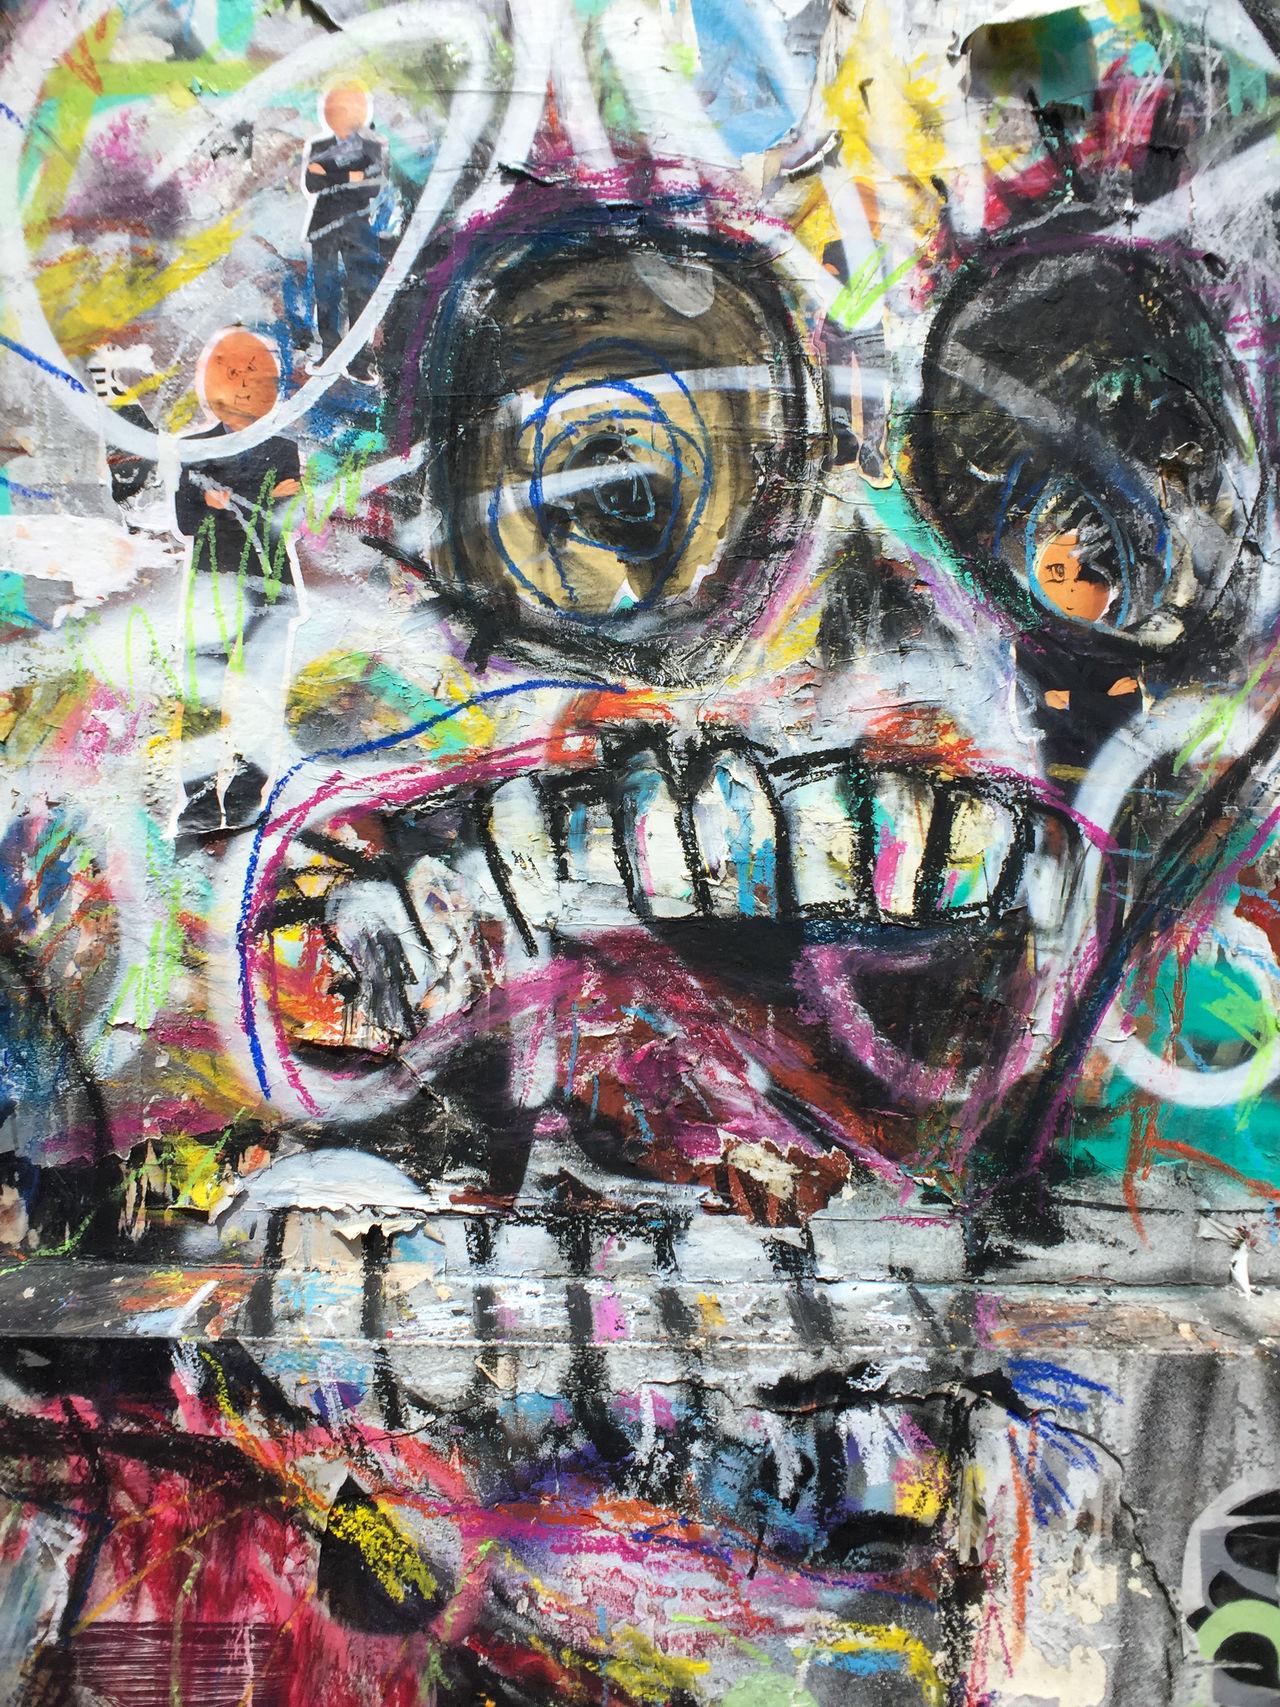 Colorful graffiti art of a skull. Graffiti Art Close-up Day Graffiti Art Multi Colored Outdoors Paint Skull Streetart Teeth